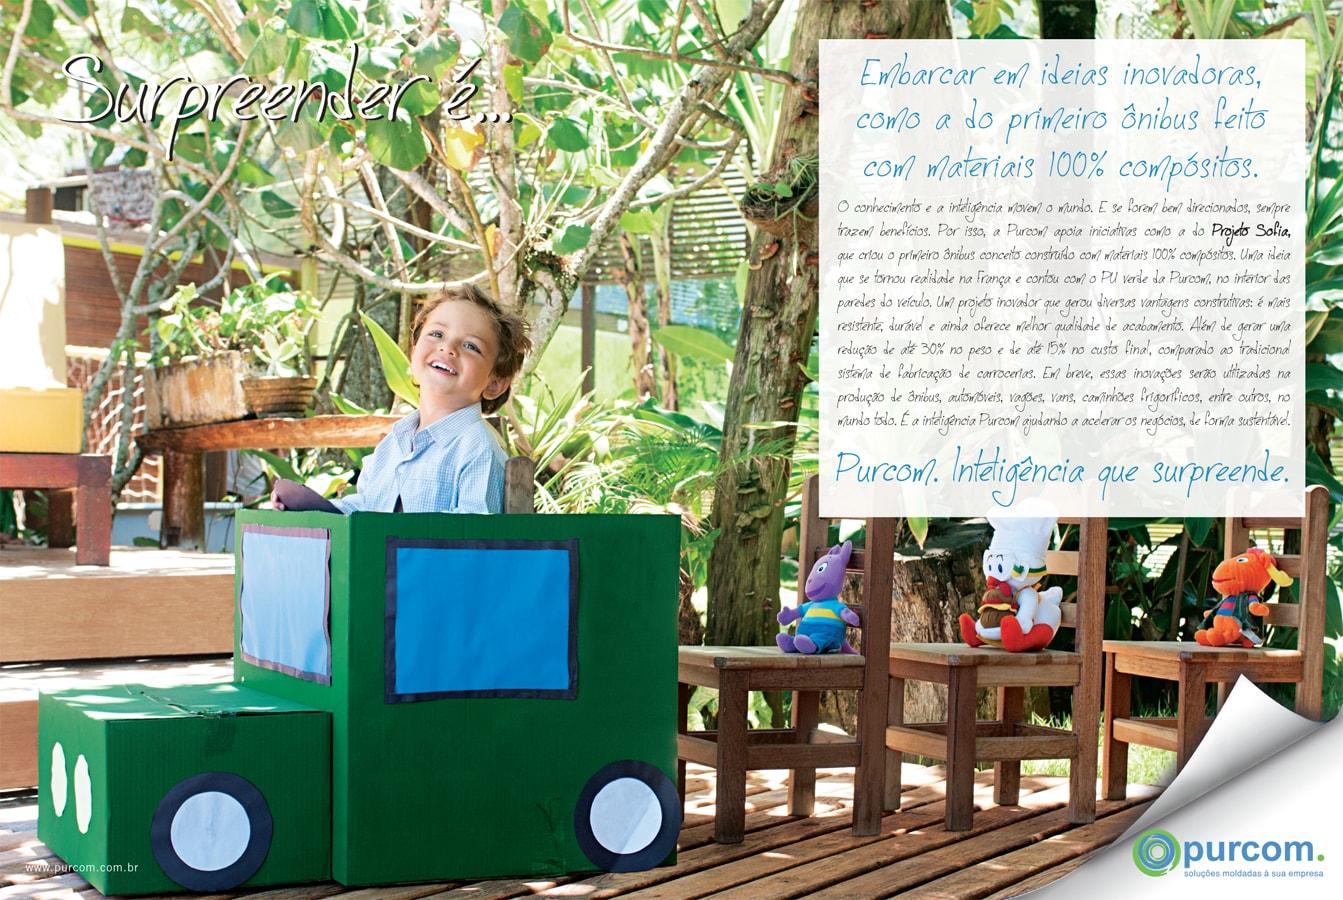 Embarcar em ideias inovadoras como a do primeiro ônibus feito com materiais 100% compósitos.